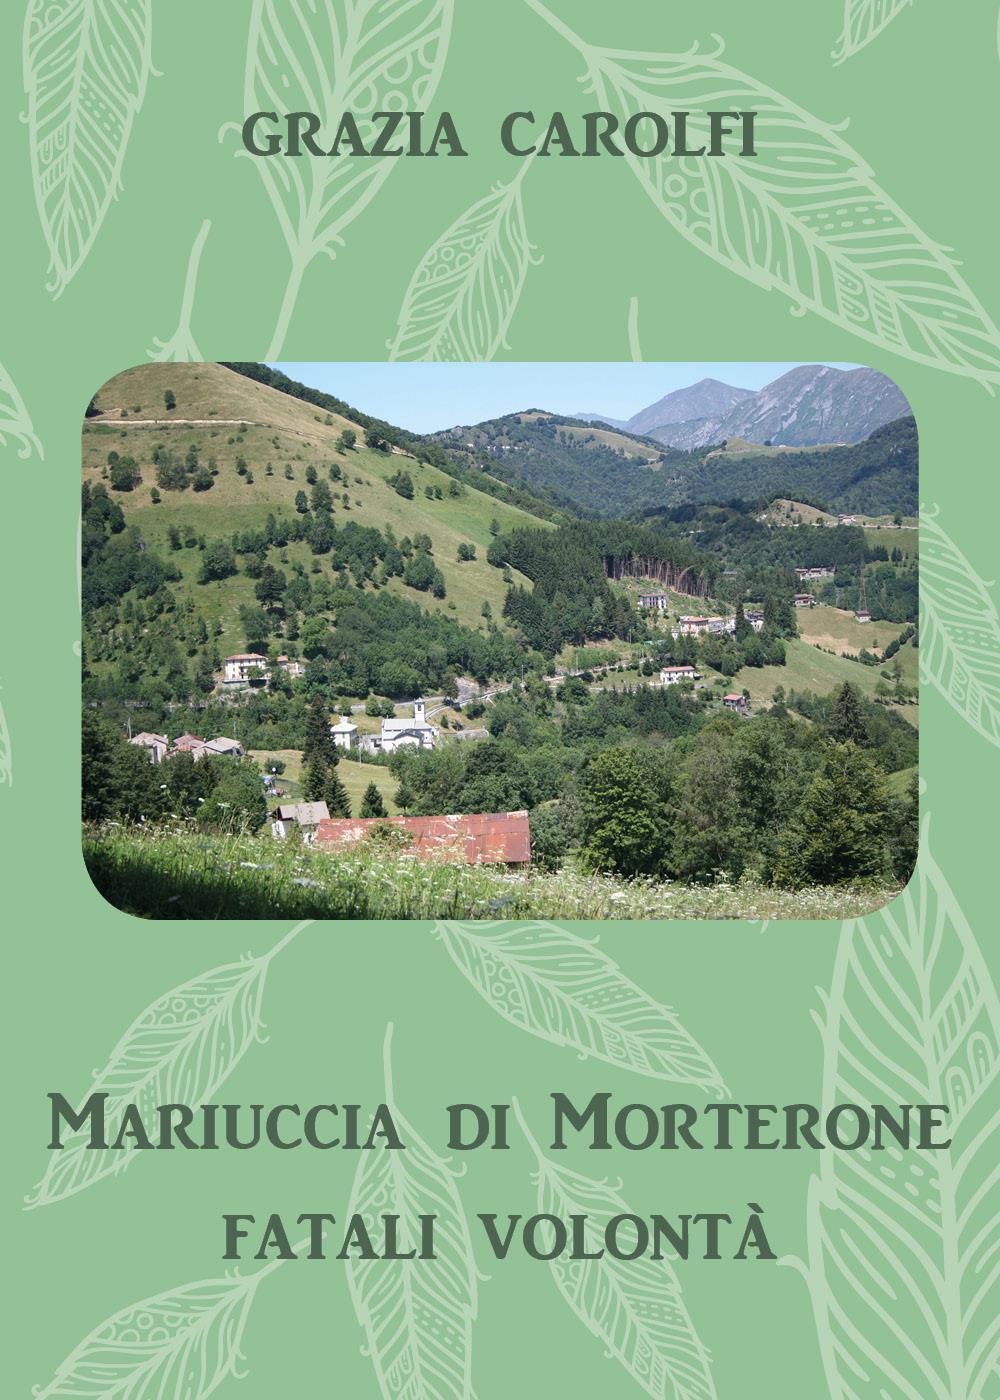 Mariuccia di Morterone, fatali volontà